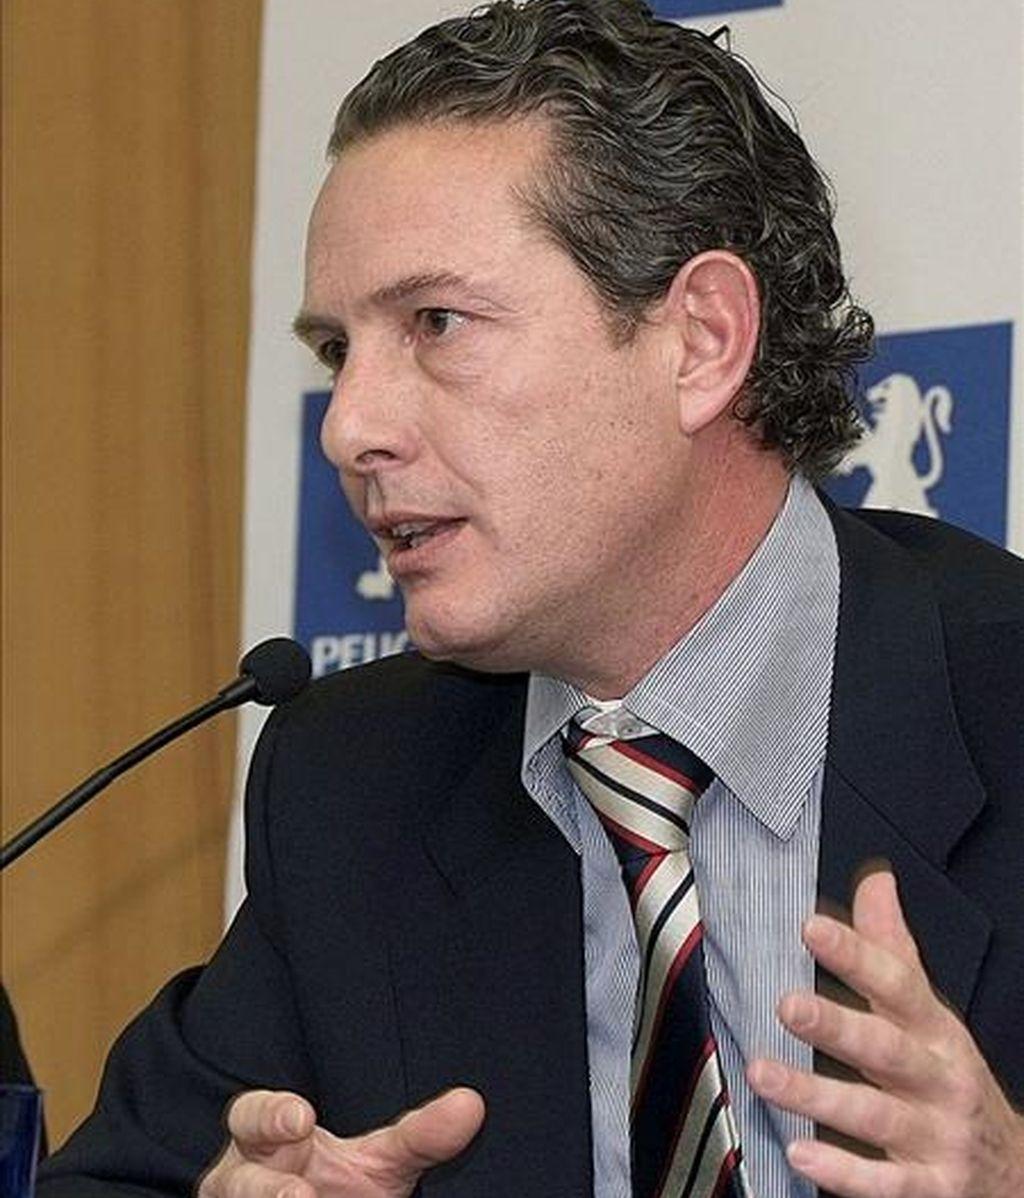 """El consejero delegado y director general de Peugeot España, Rafael Prieto, (en la imagen) criticó el mes pasado """"el calvario burocrático"""" al que les somete el Instituto de Crédito Oficial (ICO) en la tramitación de las ayudas a la venta de vehículos adscritas al Plan VIVE. Hoy ha sido el presidente de la compañía el que ha llamado la atención a los bancos. EFE"""